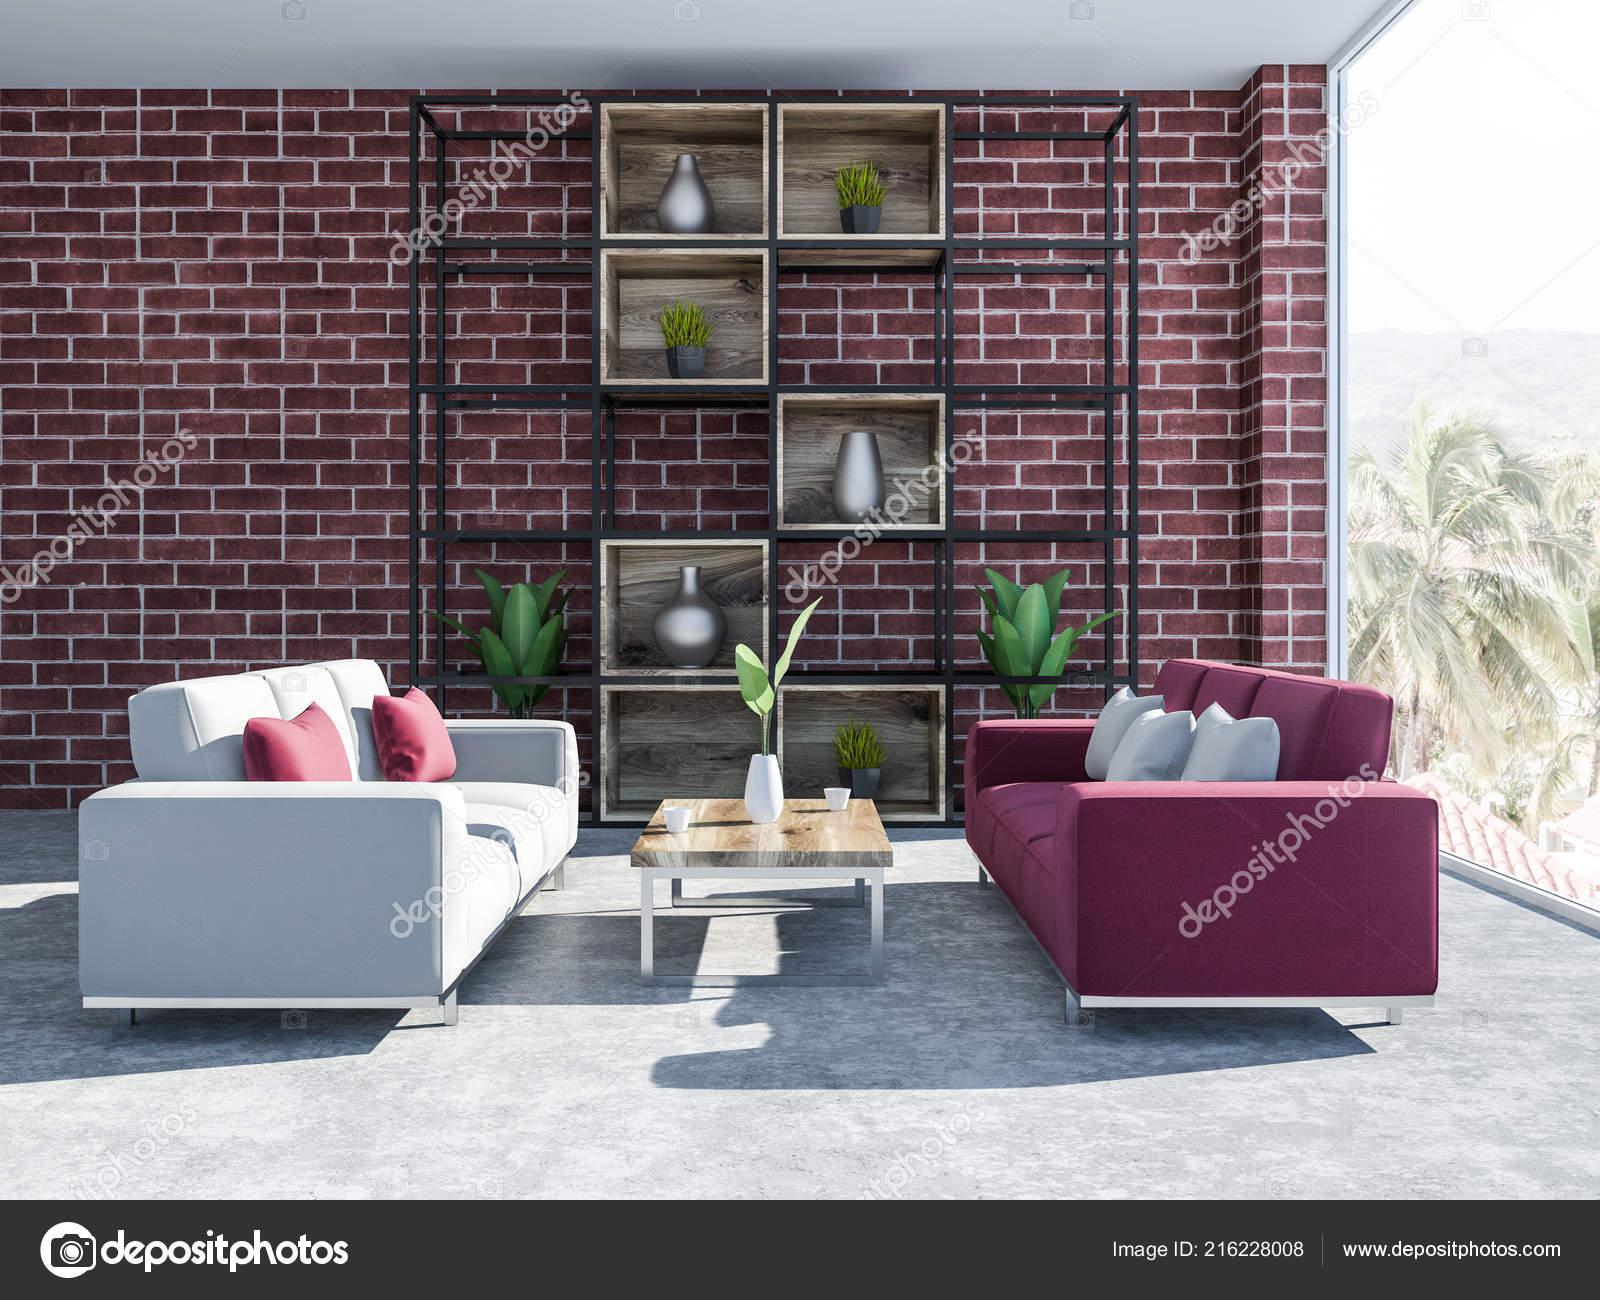 Brique Salon Intérieur Avec Plancher Béton Placard Avec Des Vases U2014 Photo